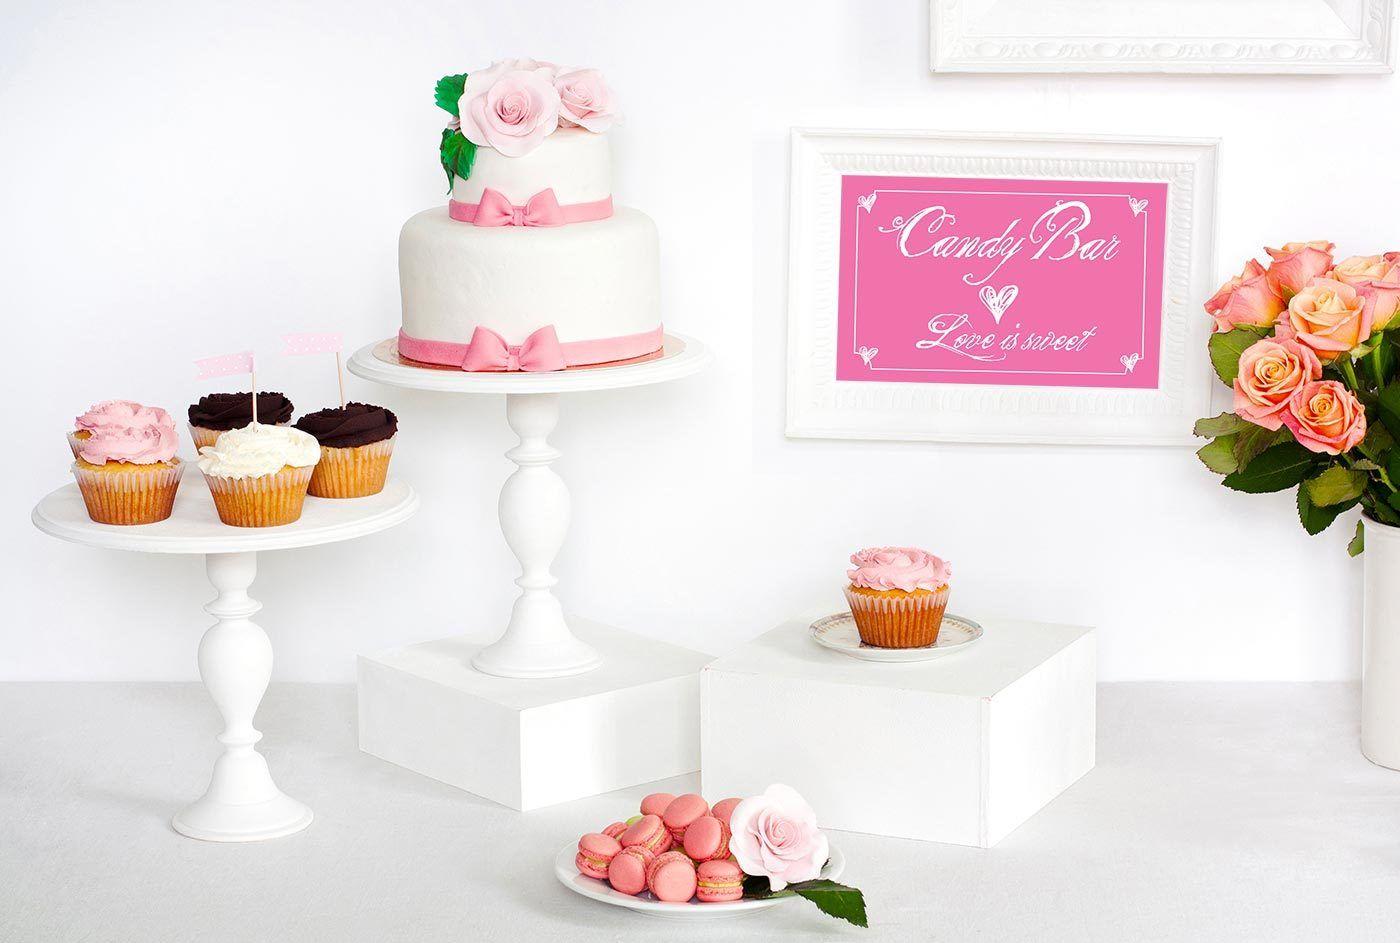 Candy Bar Schild ausdrucken